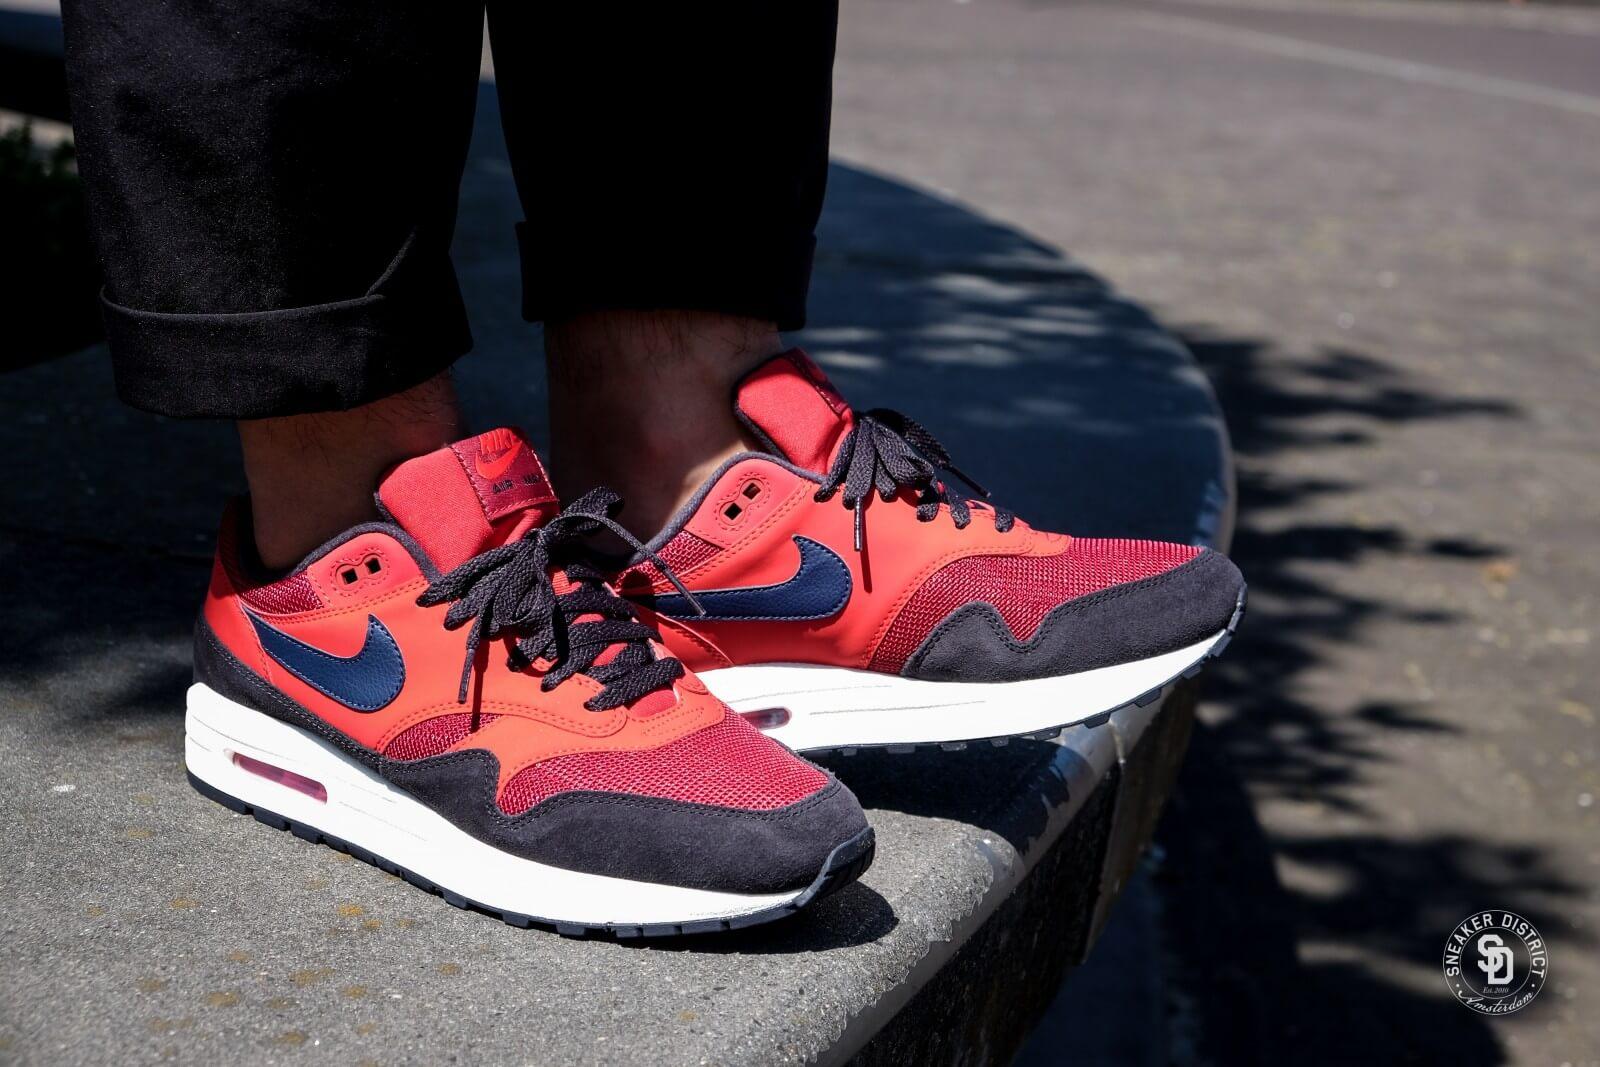 Nike Air Max 1 Red Crush/Midnight Navy